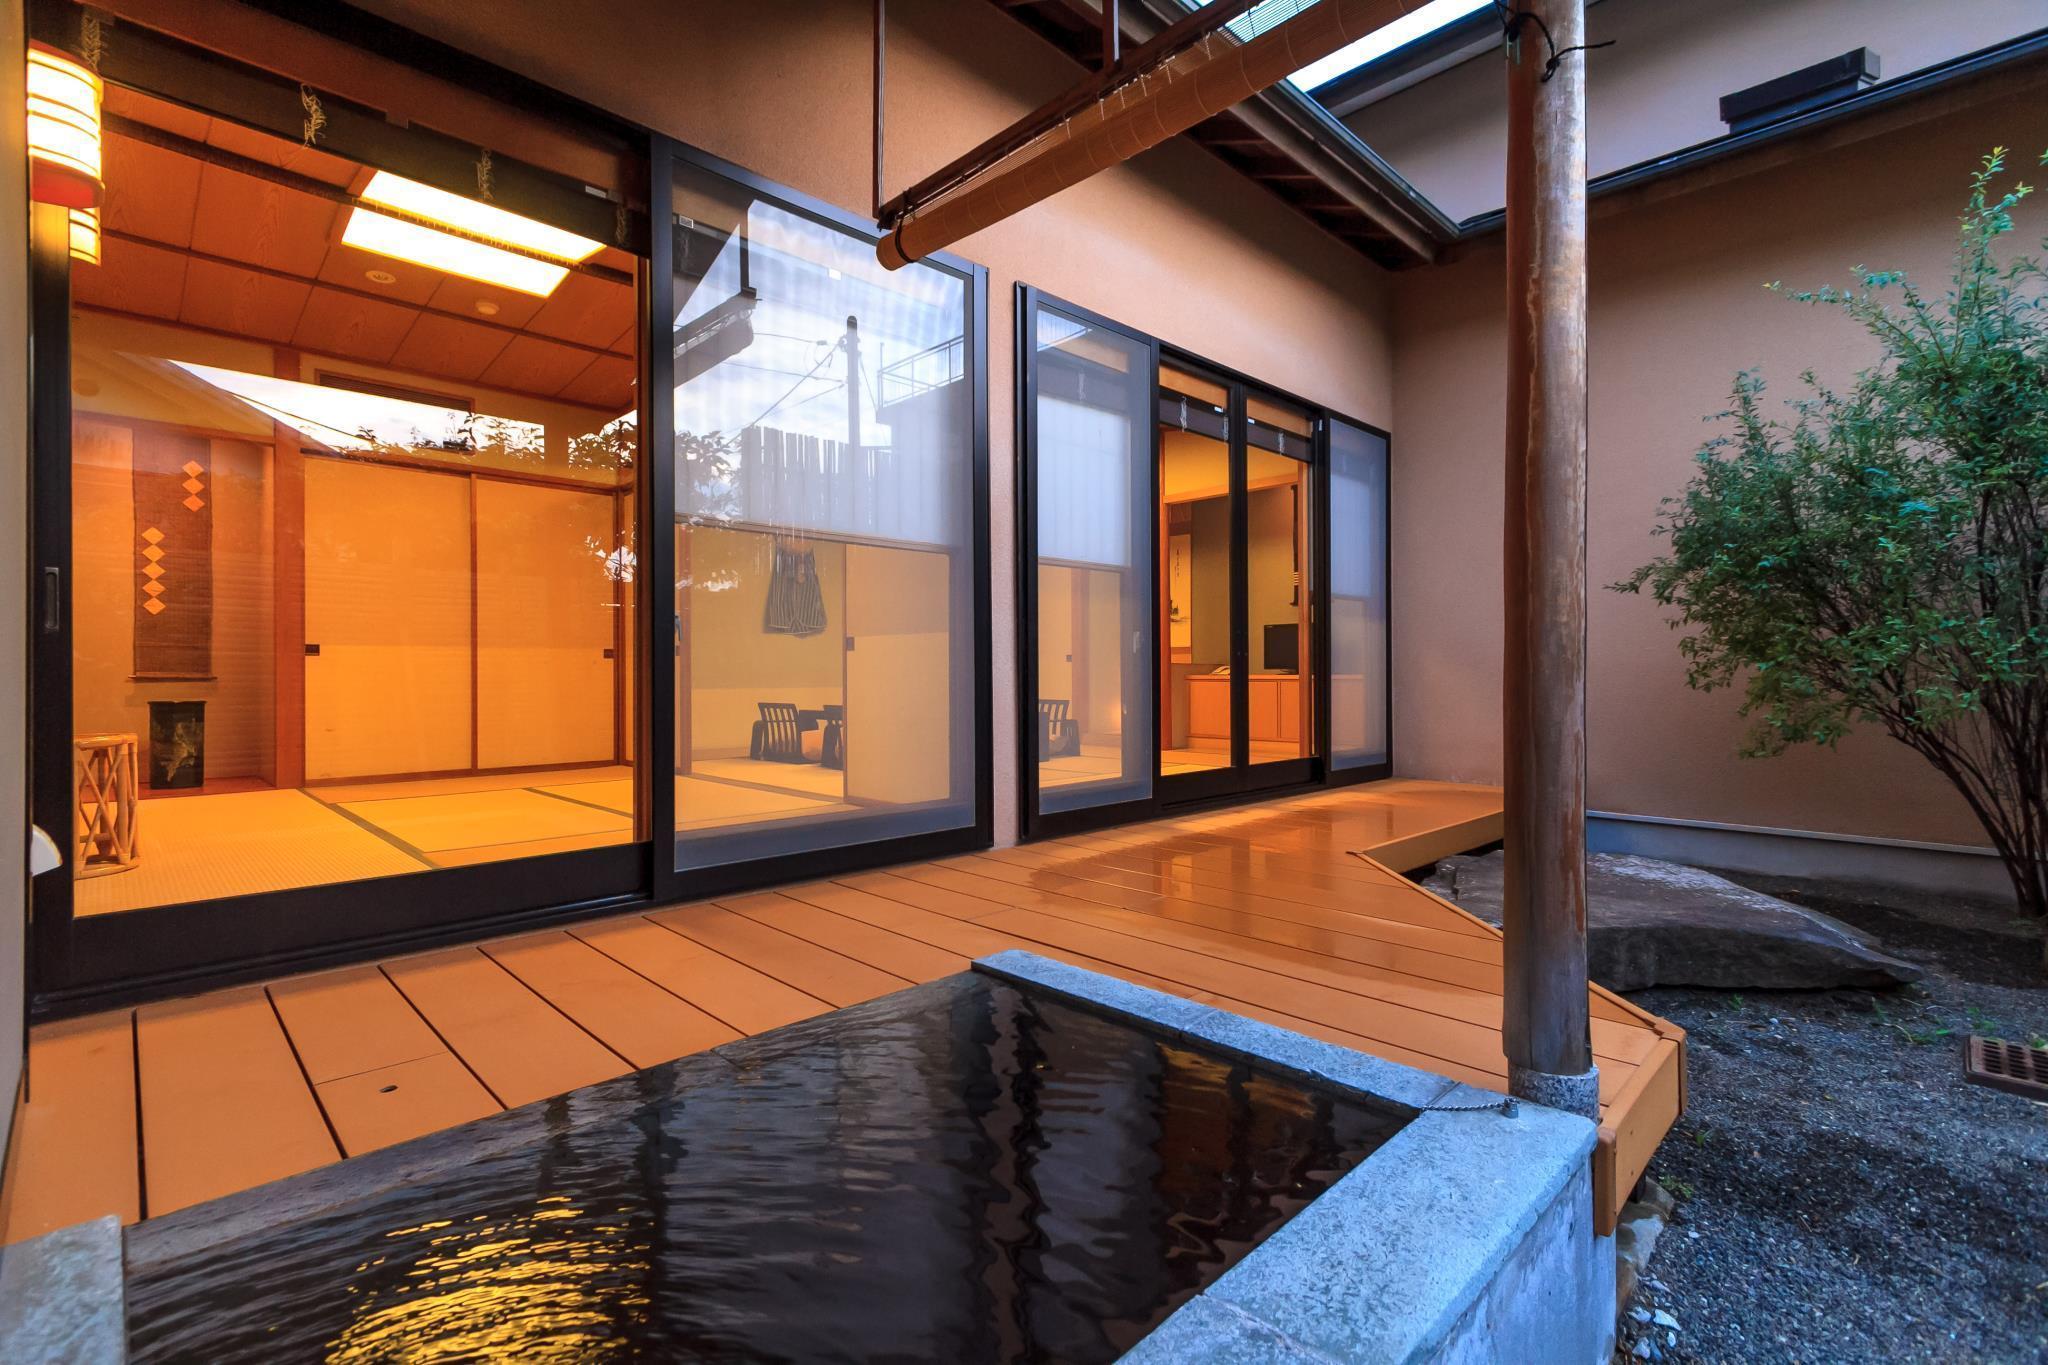 Izu Fuji Yamasakura Onsen Kaikan, Izu